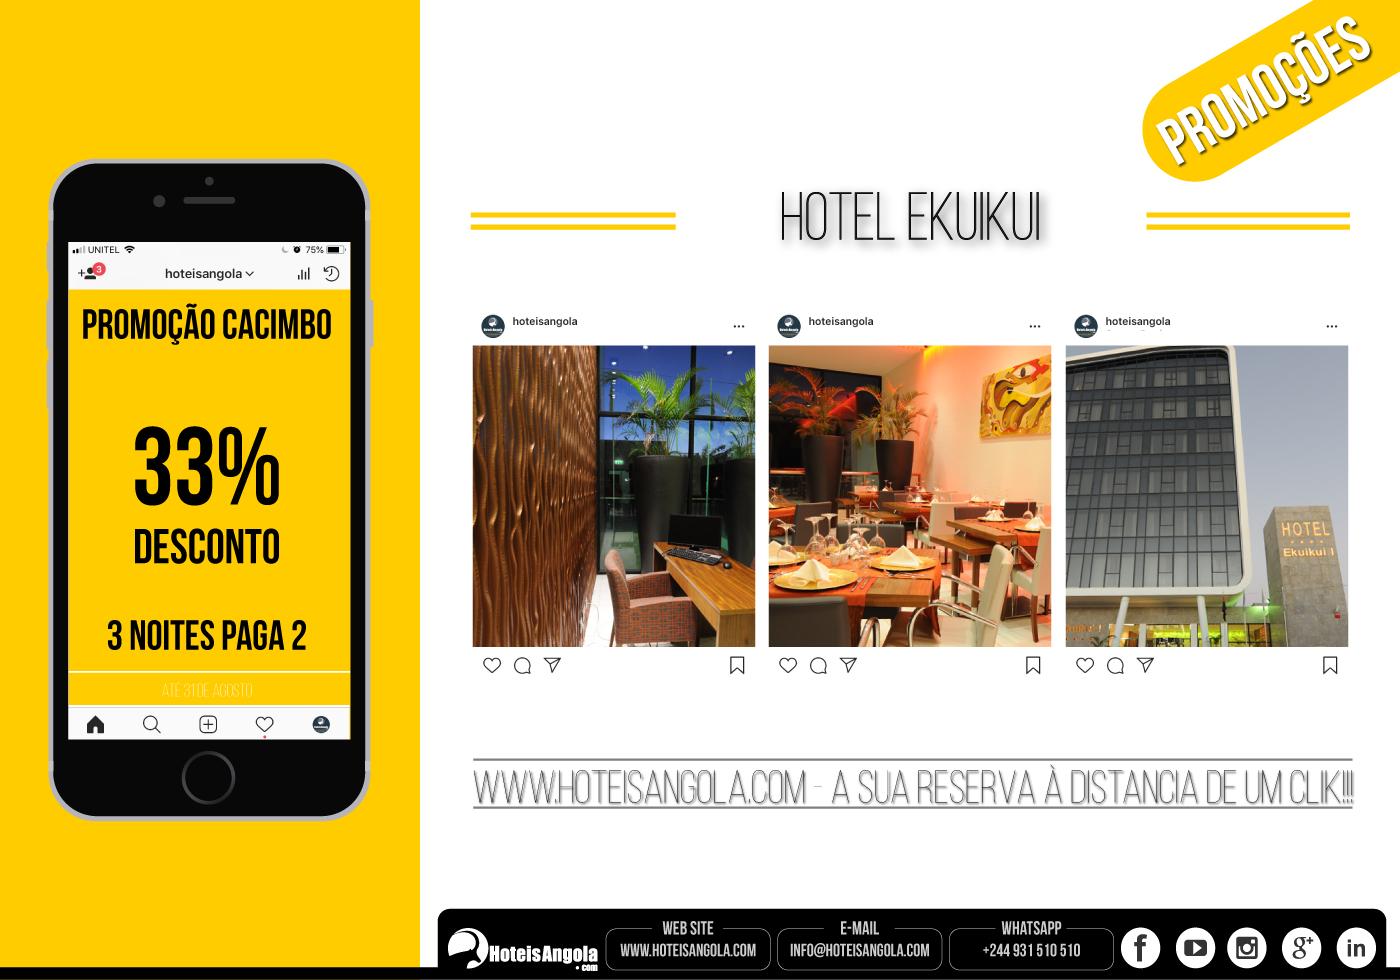 Hotel Ekuikui - até 33% Desconto